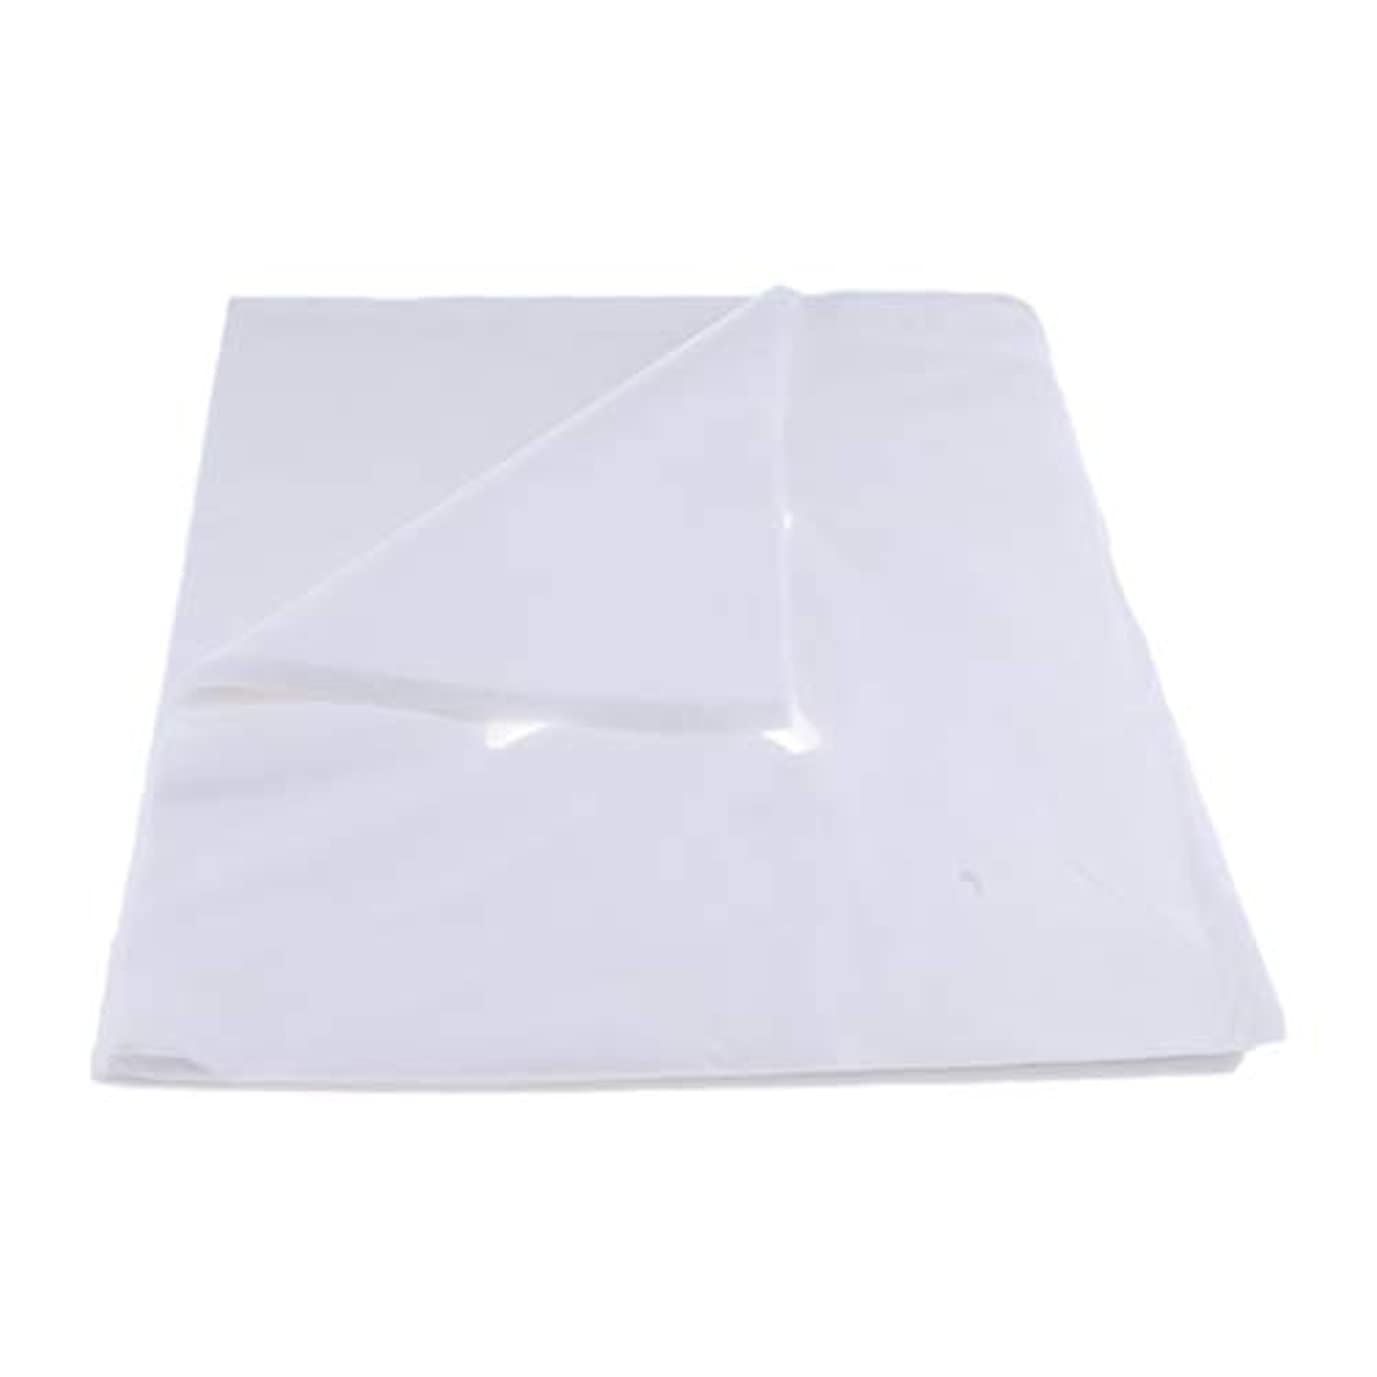 バイアスやけど試用200ピース不織布使い捨てマッサージベッドフェイスクレードルクッションシートカバー - L